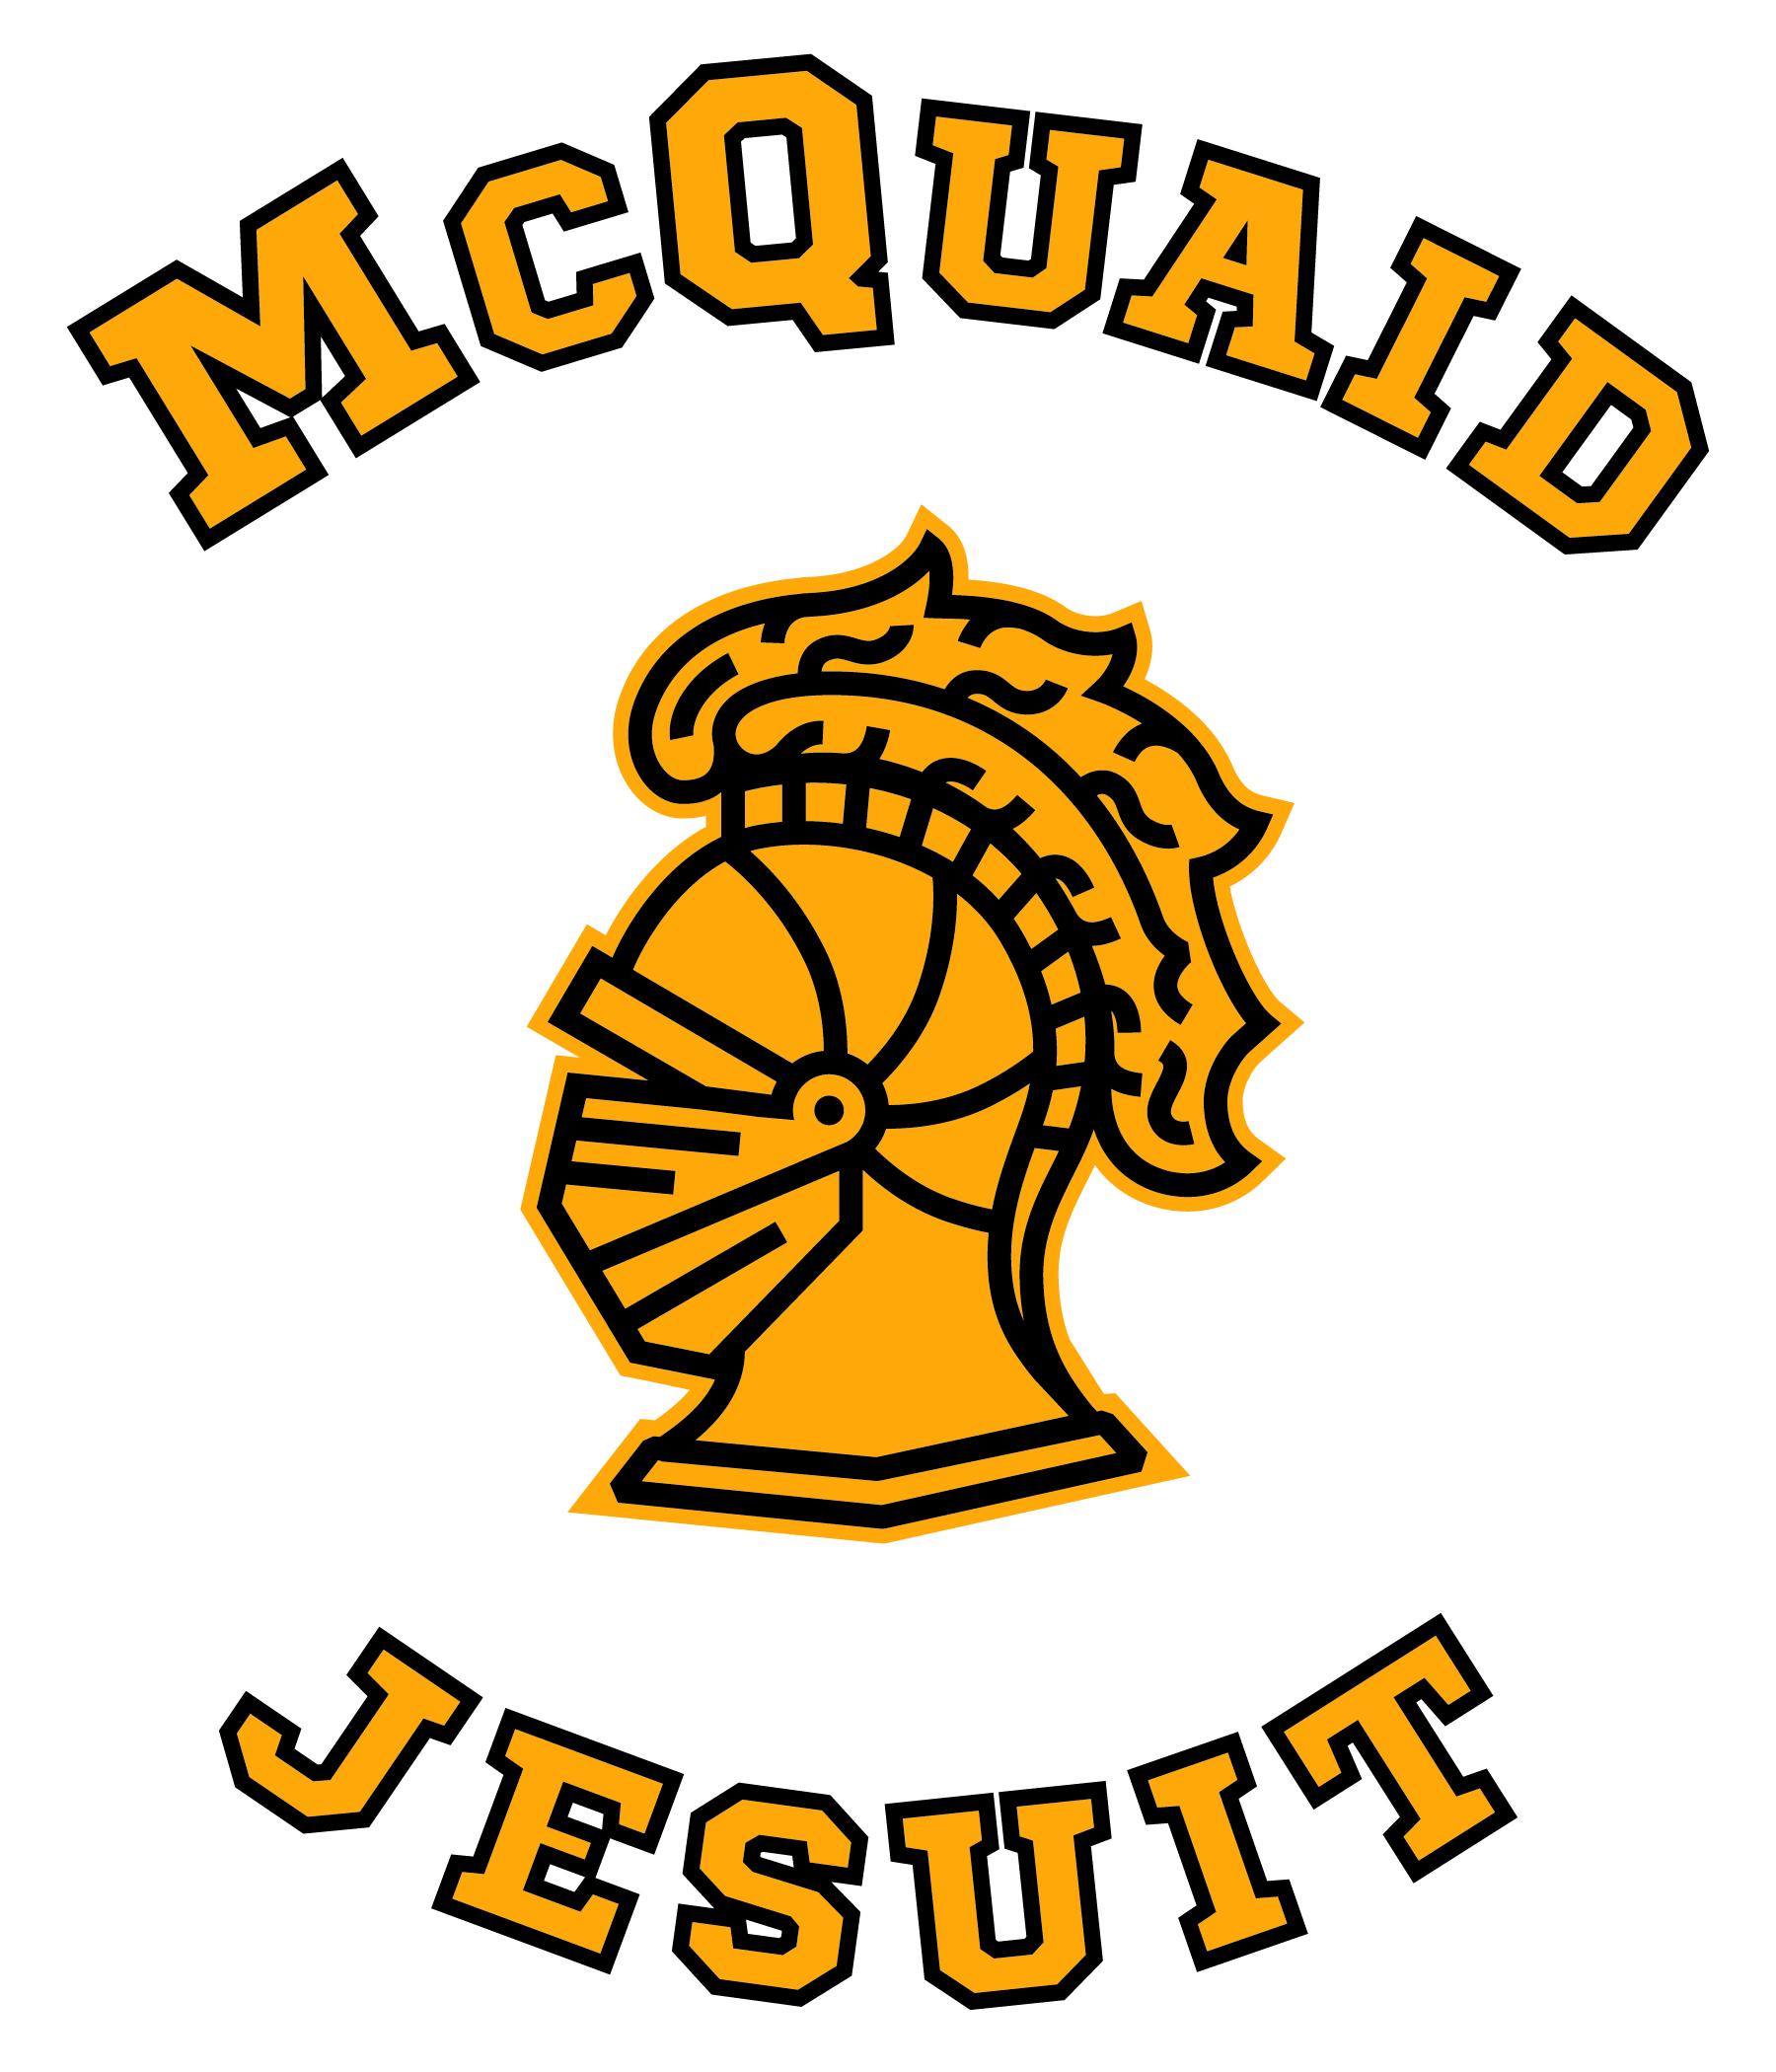 Mcquaid Jesuit Creating Great Men